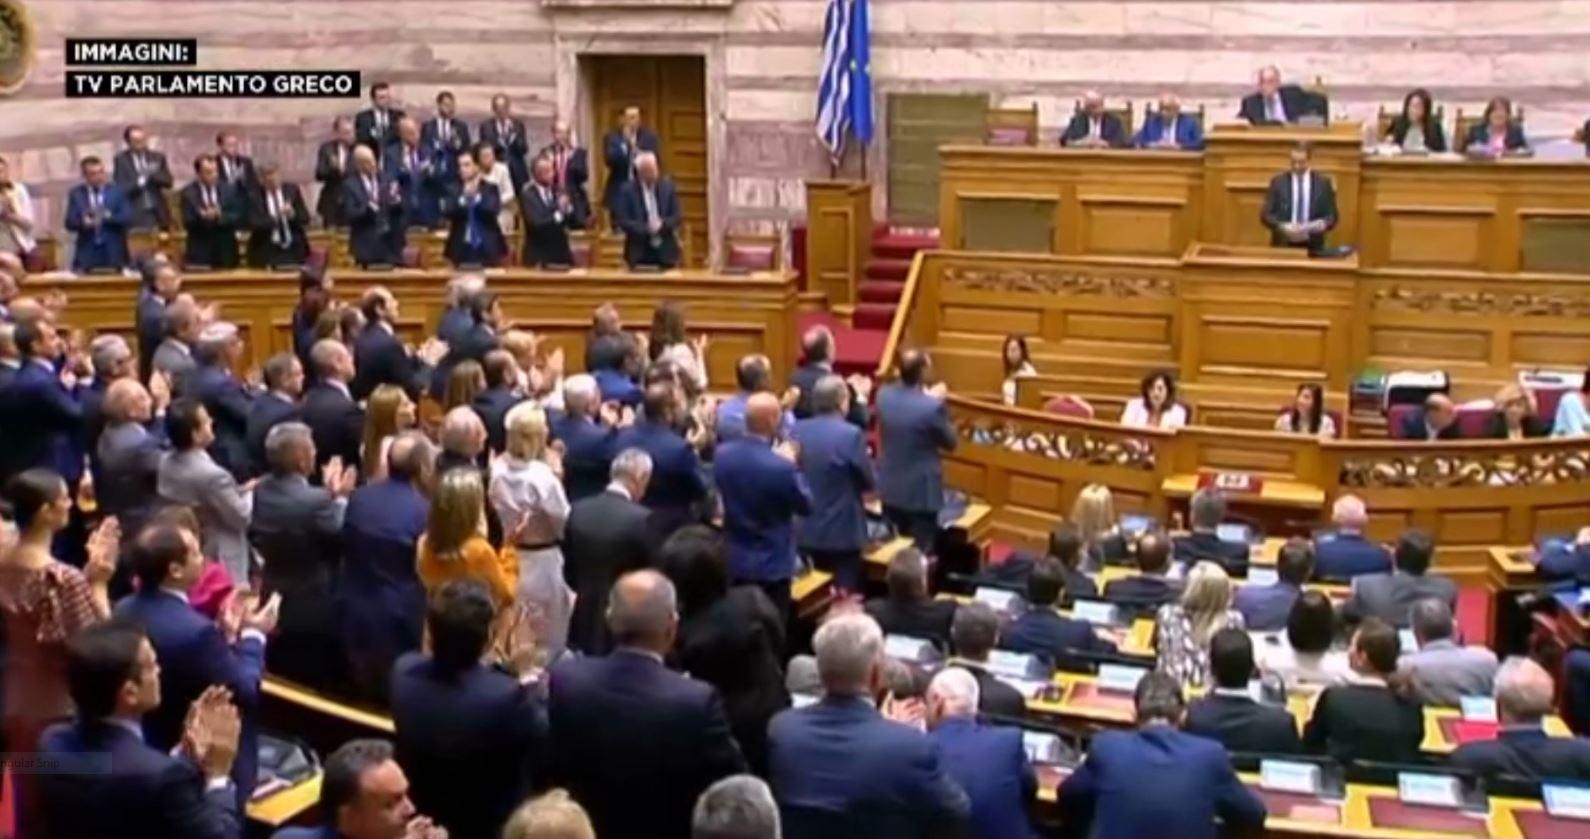 Qeveria e re greke e Mitsotakis merr mbështetjen e parlamentit me 158 vota